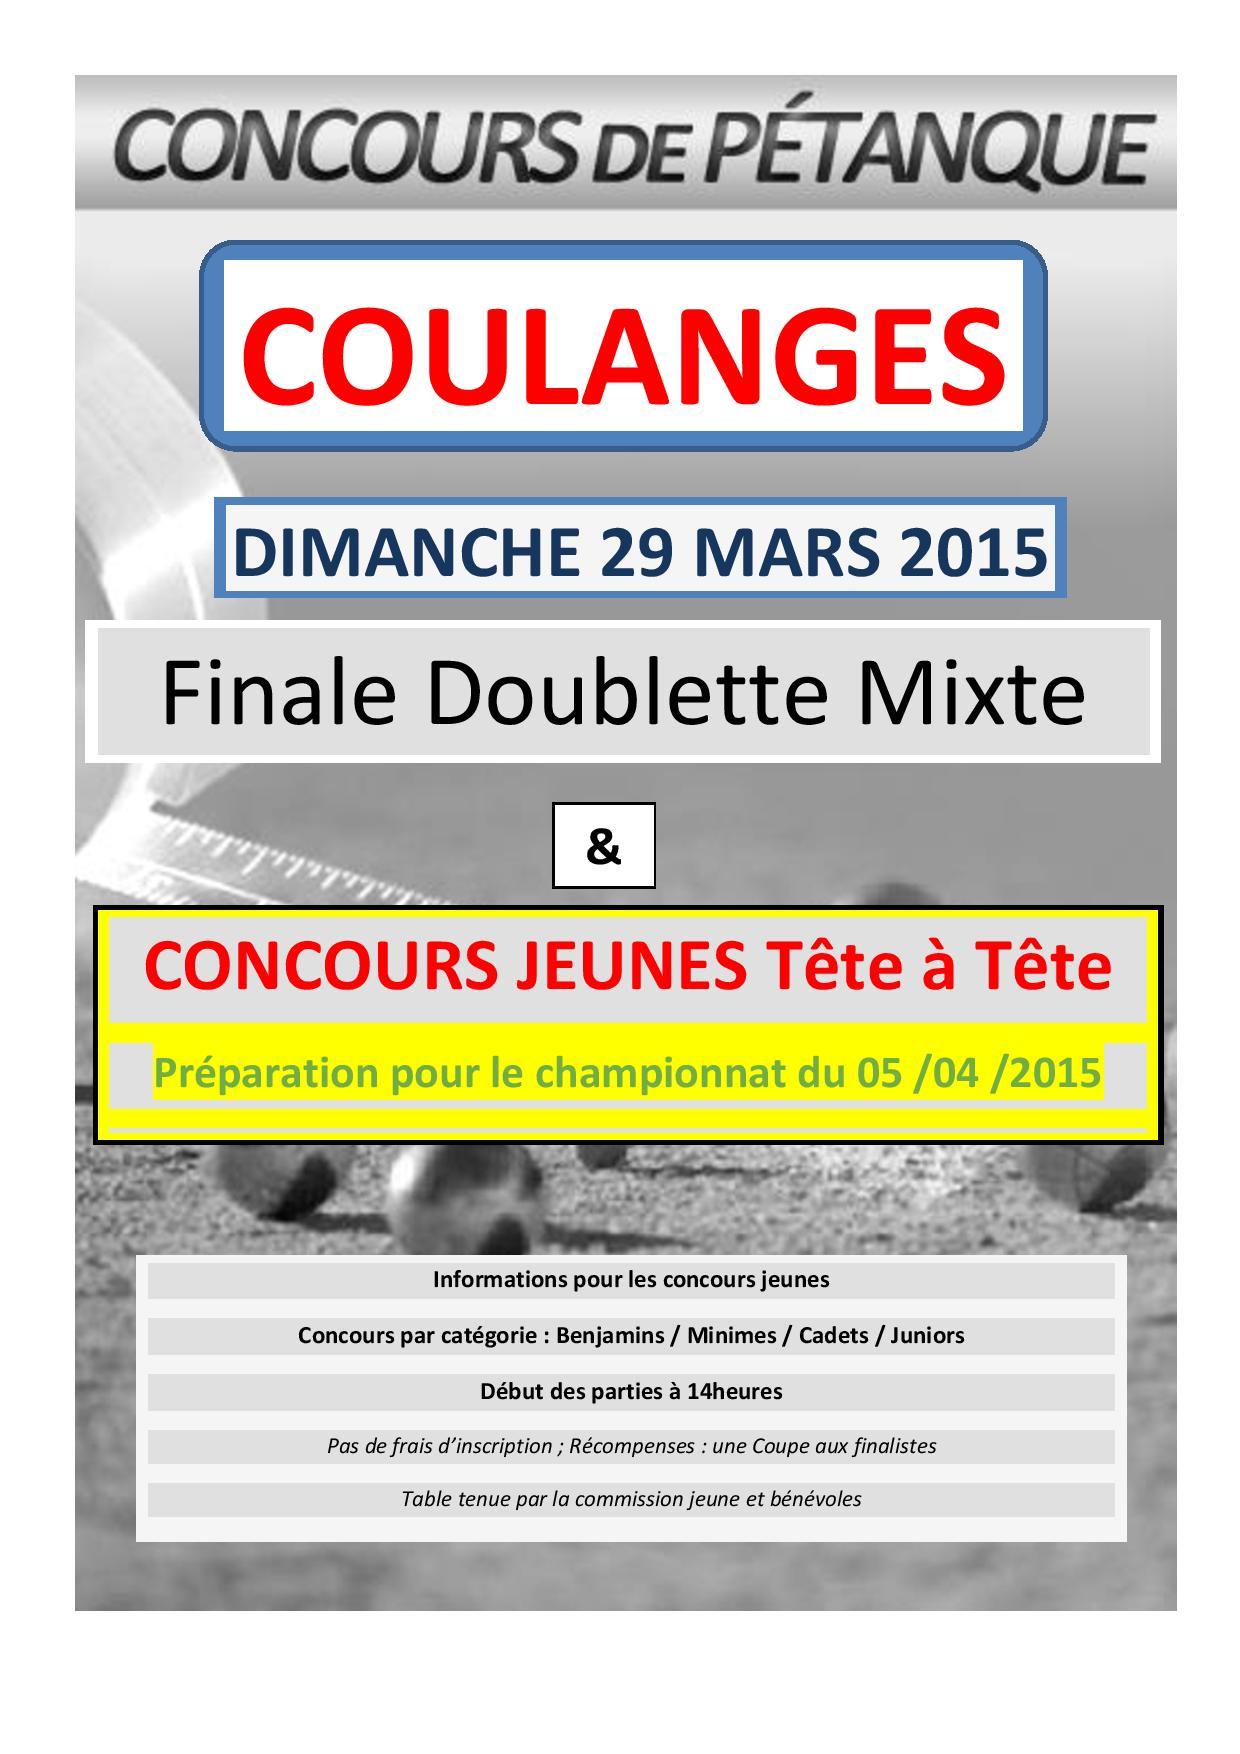 Affiche JEUNES COULANGES  du 29 03 2015-page-001